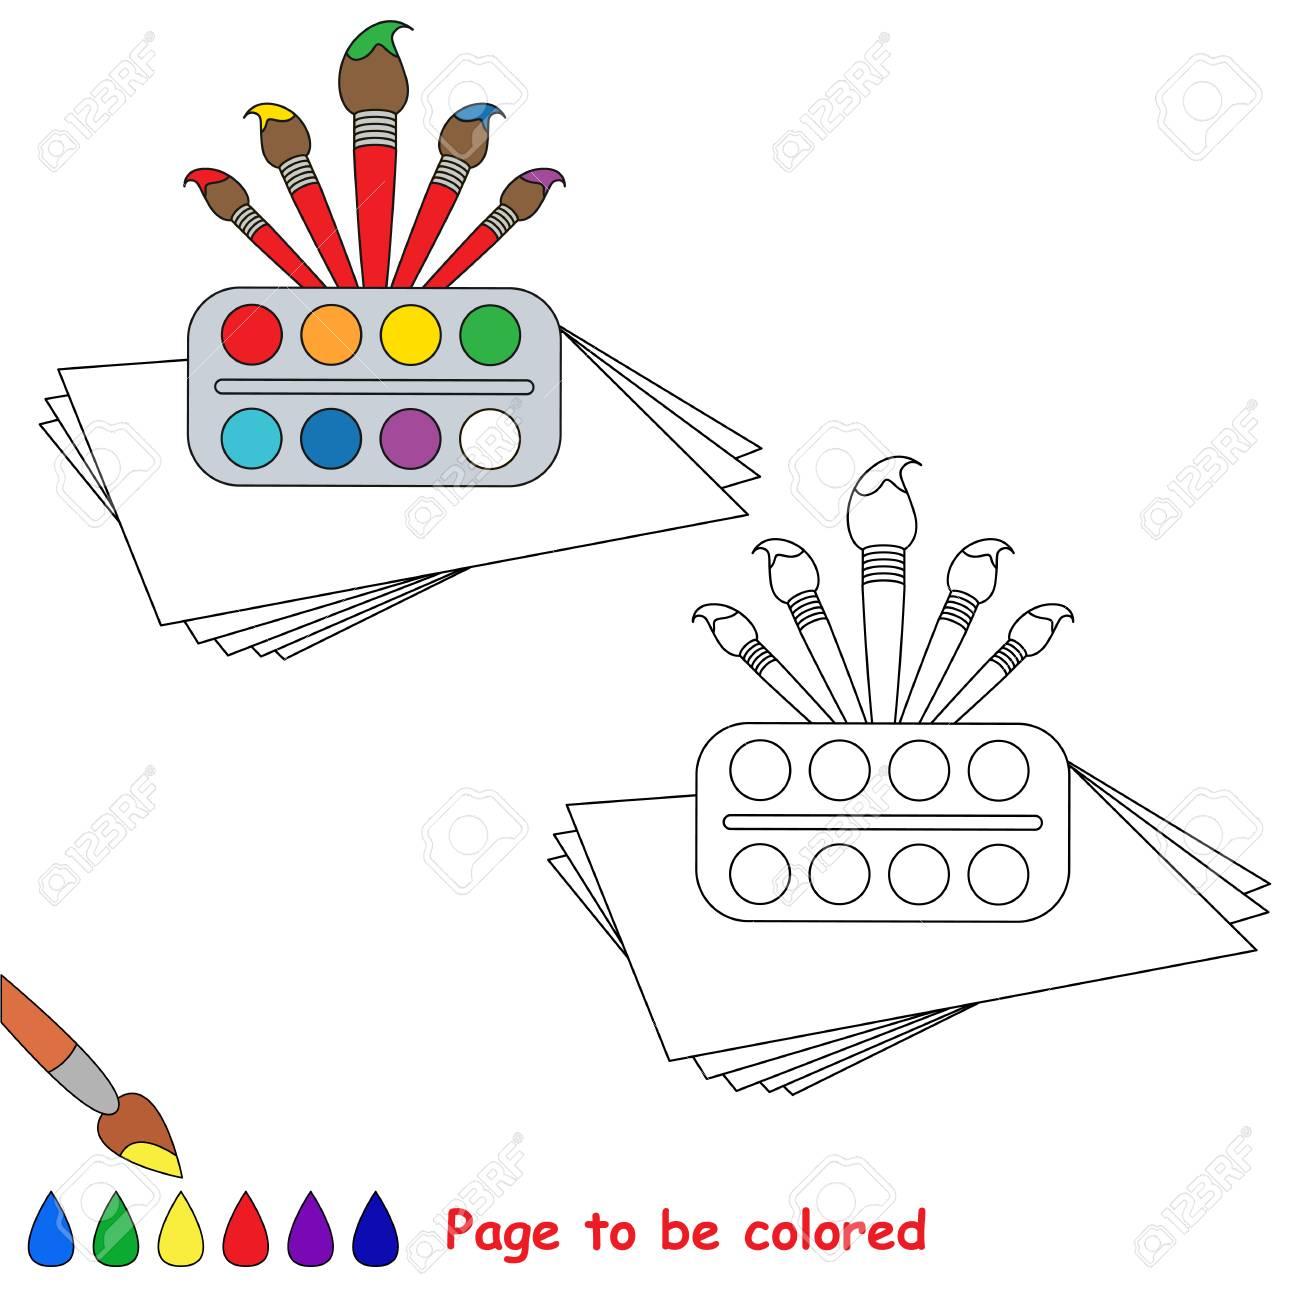 Vettoriale Acquerelli E Pennelli Da Colorare Il Libro Da Colorare Per Educare I Bambini In Eta Prescolare Con Giochi Educativi Per Bambini Facili E L Istruzione Primaria Di Semplice Livello Di Gioco